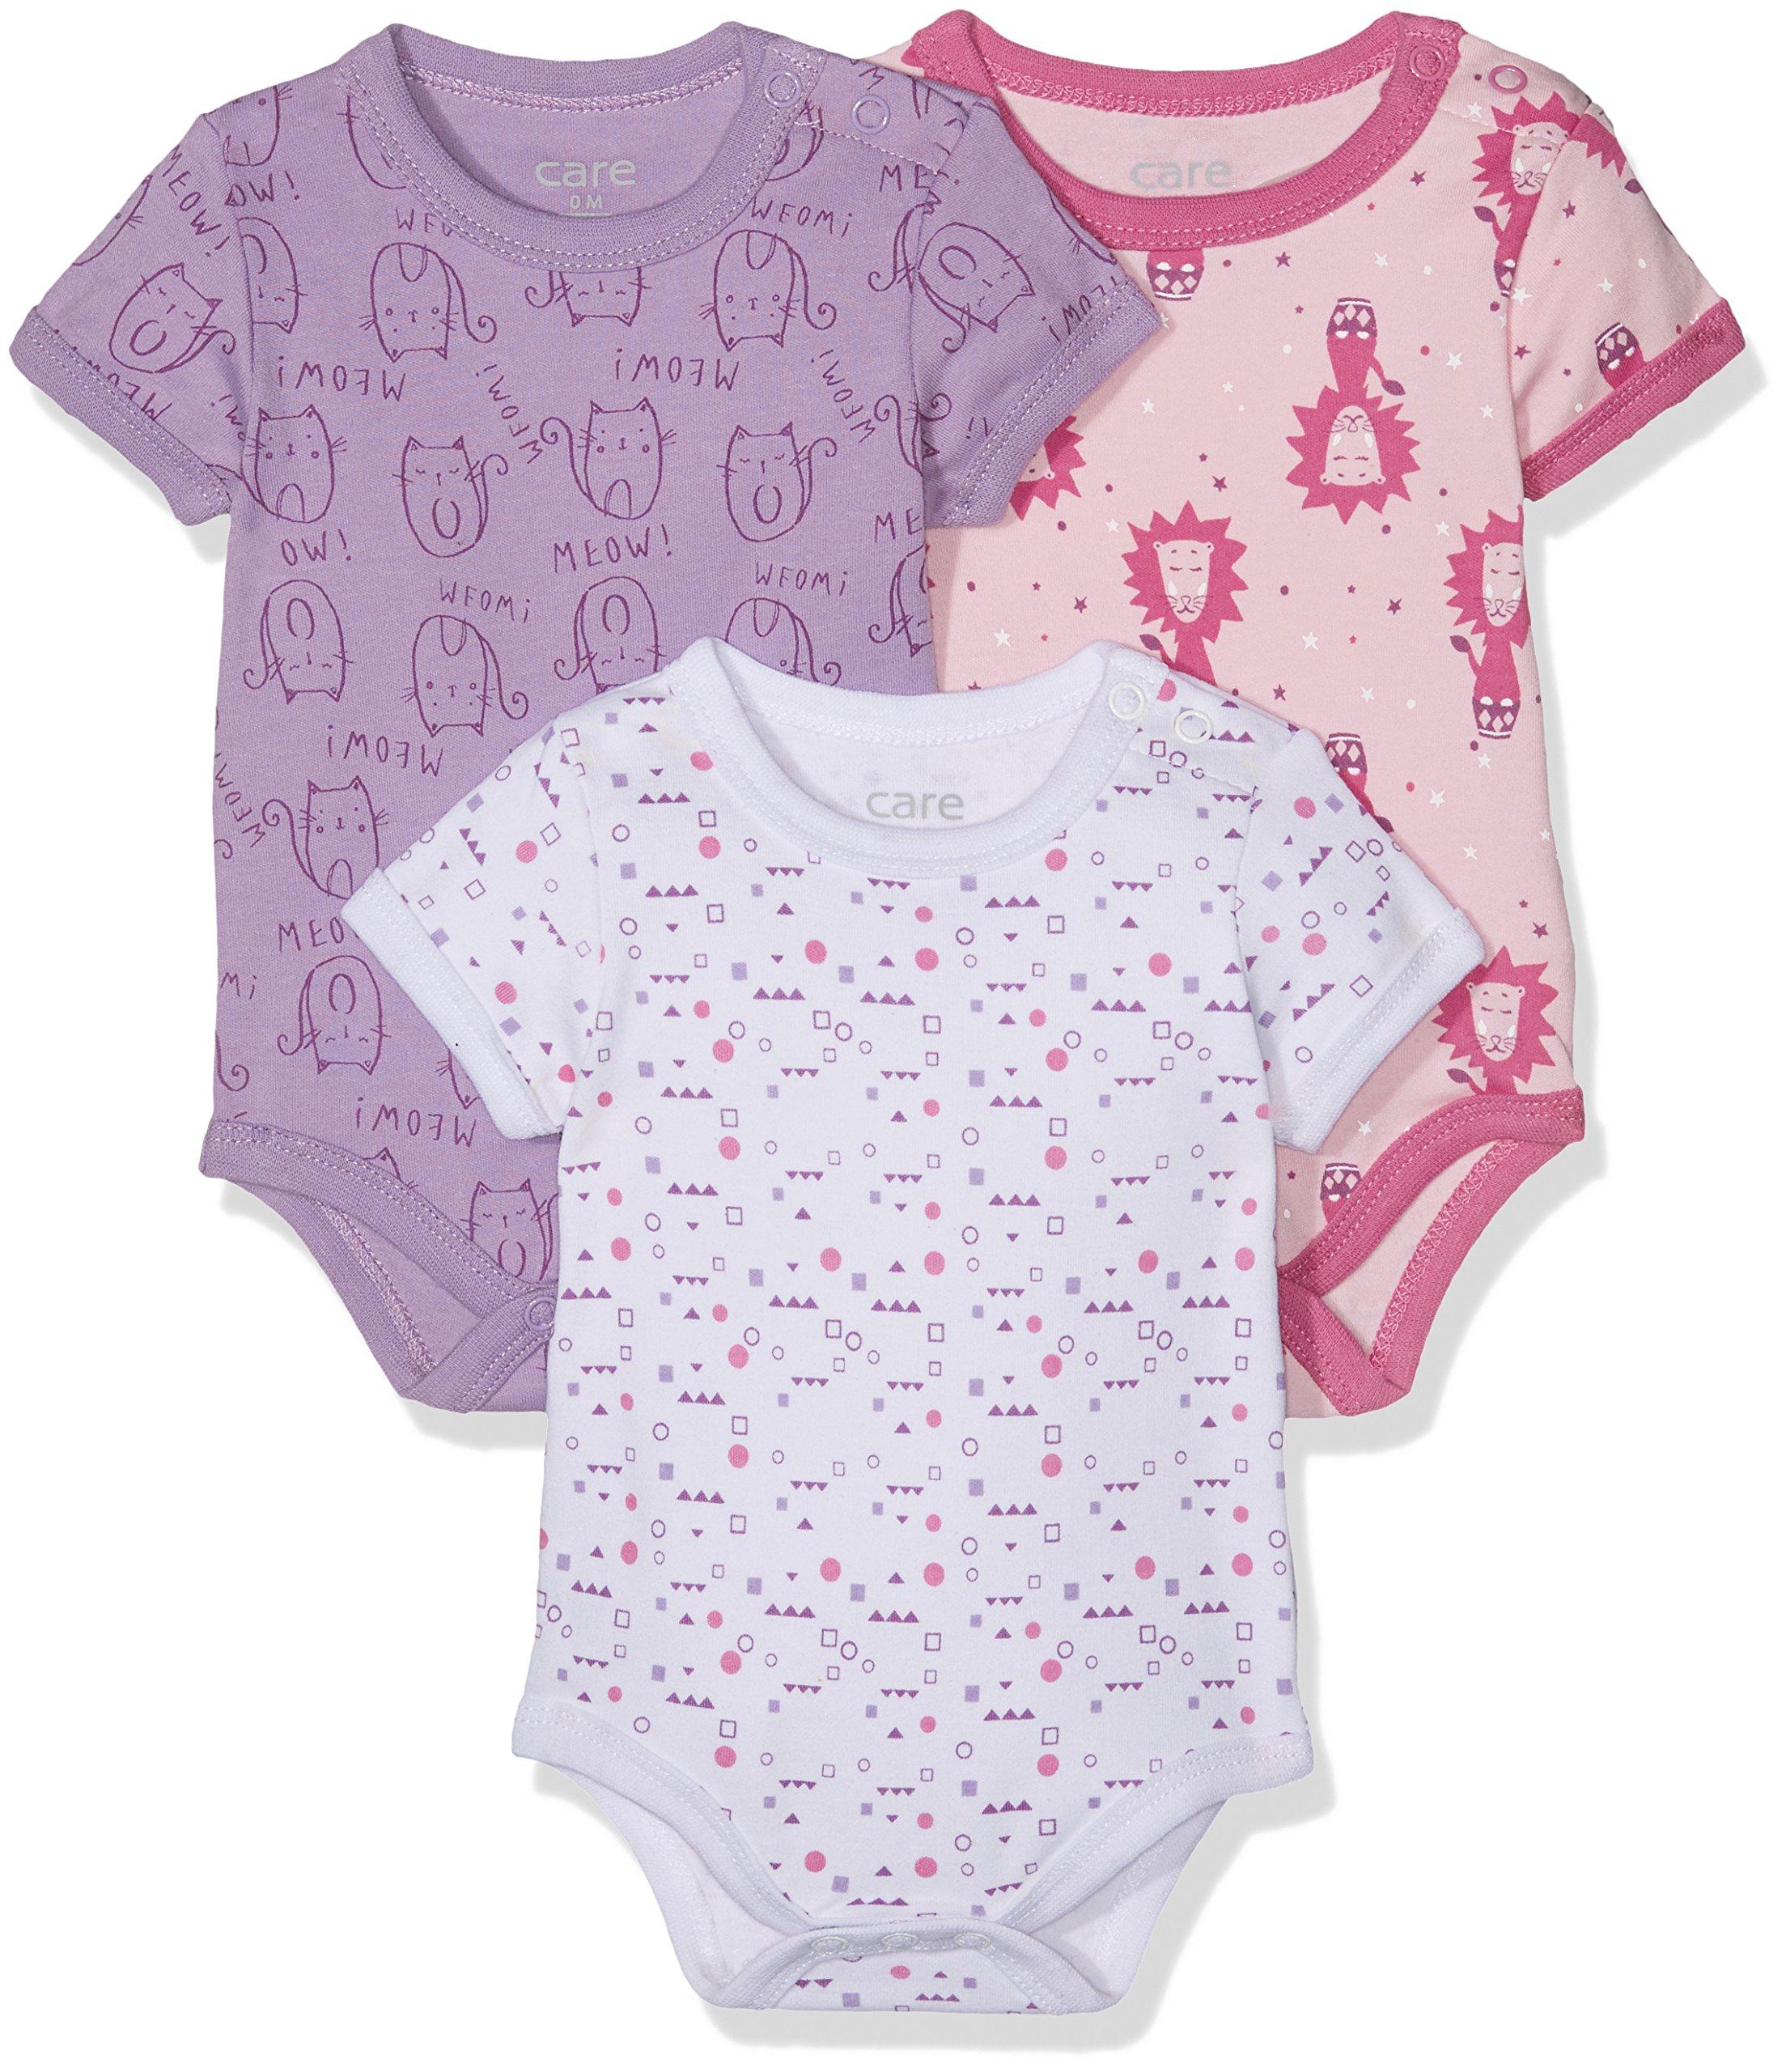 Amazon Exclusiva: Care Body Bebé-Niñas pack de 3 o pack de 6